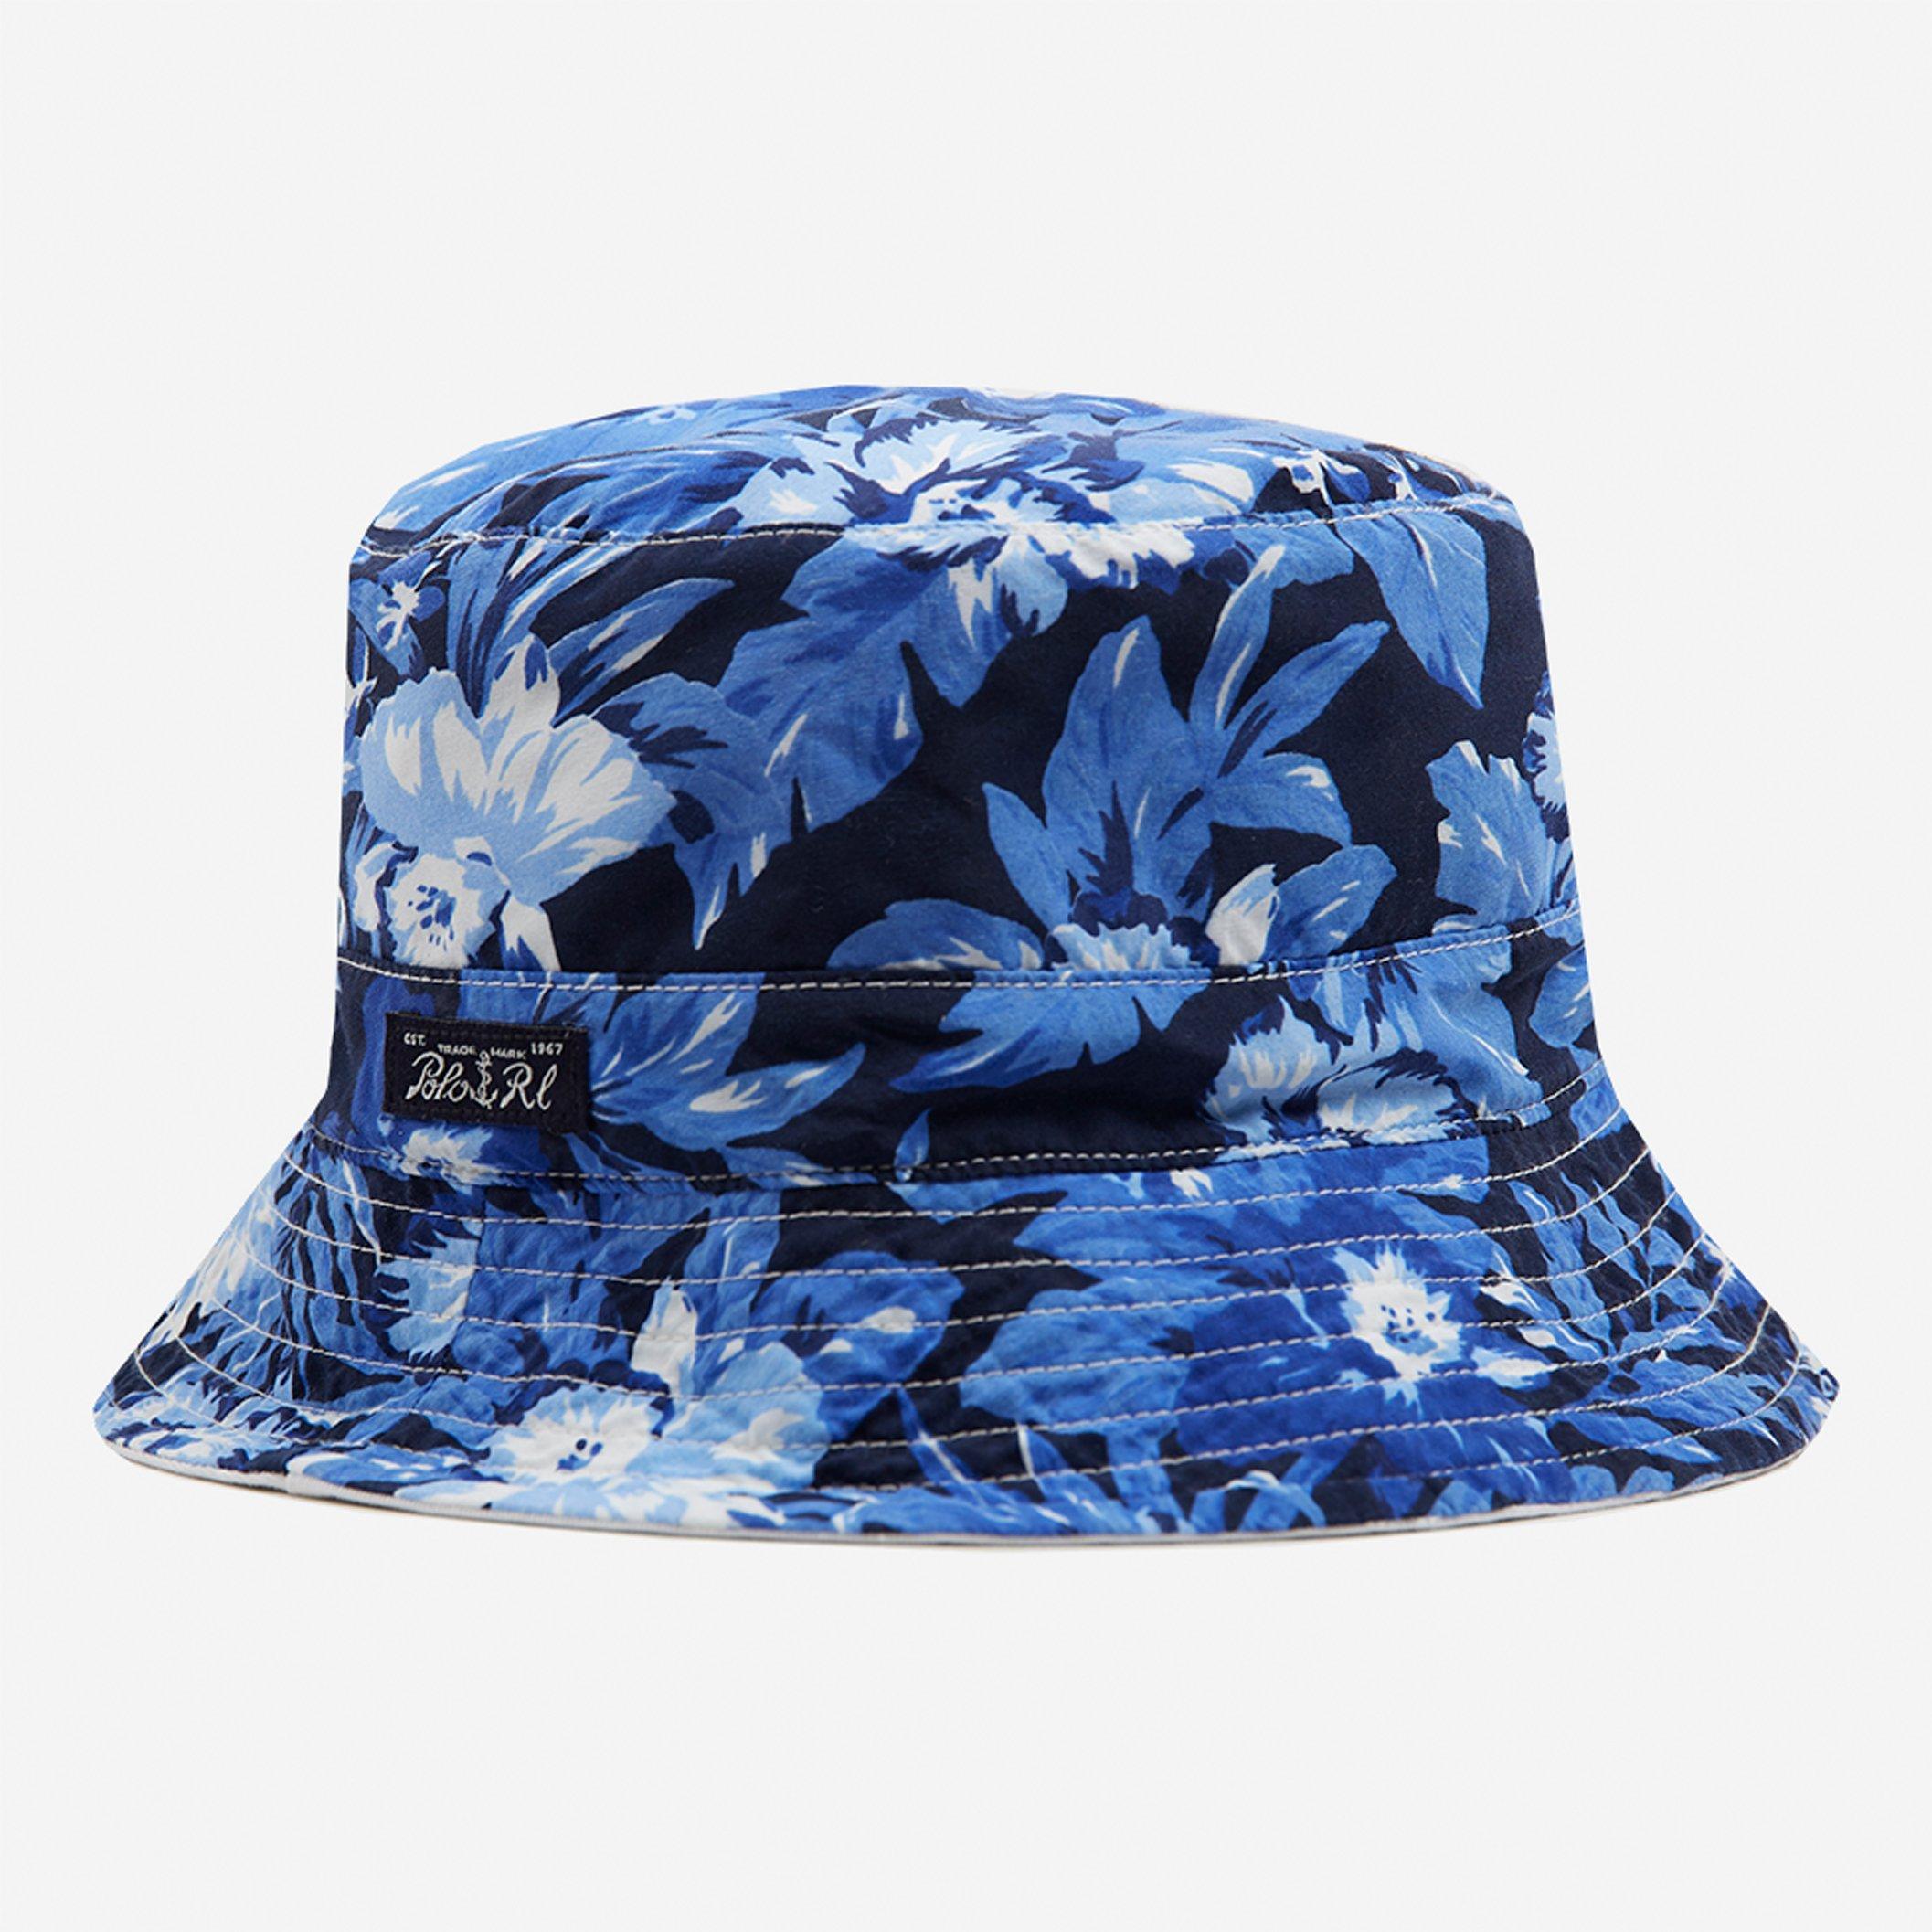 Polo Ralph Lauren Reversible Loft Bucket Hat